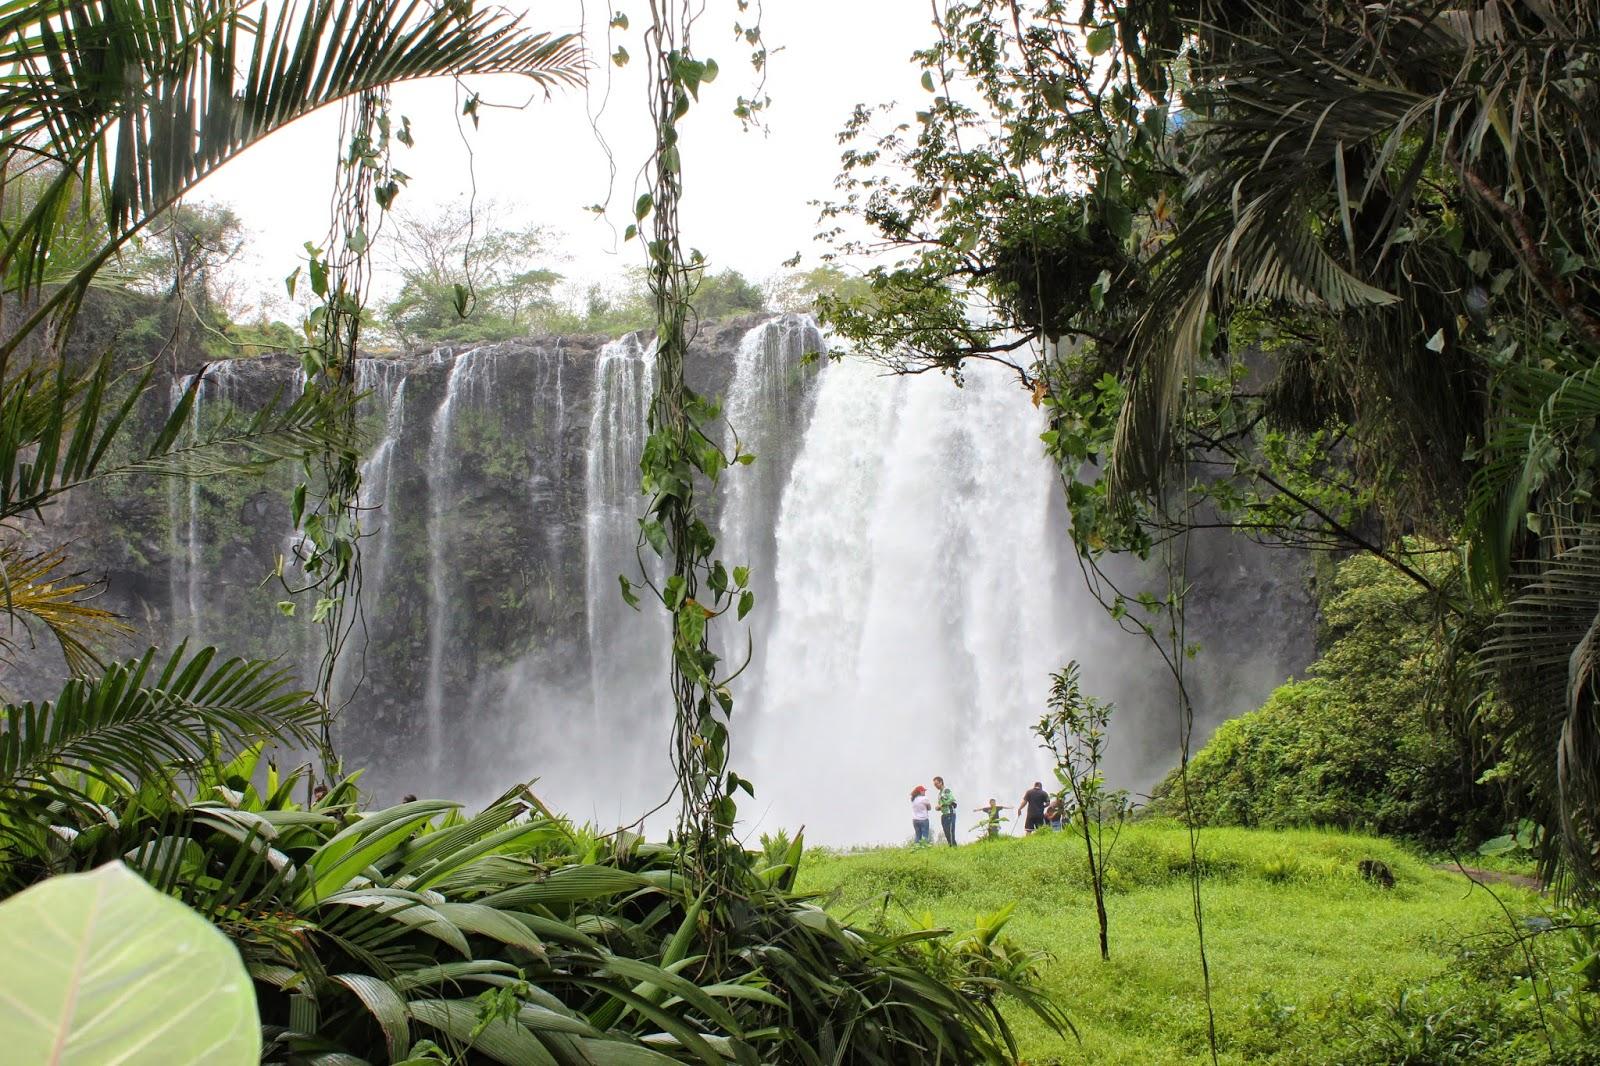 visitantes observando la caída de agua en el Salto de Eyipantla